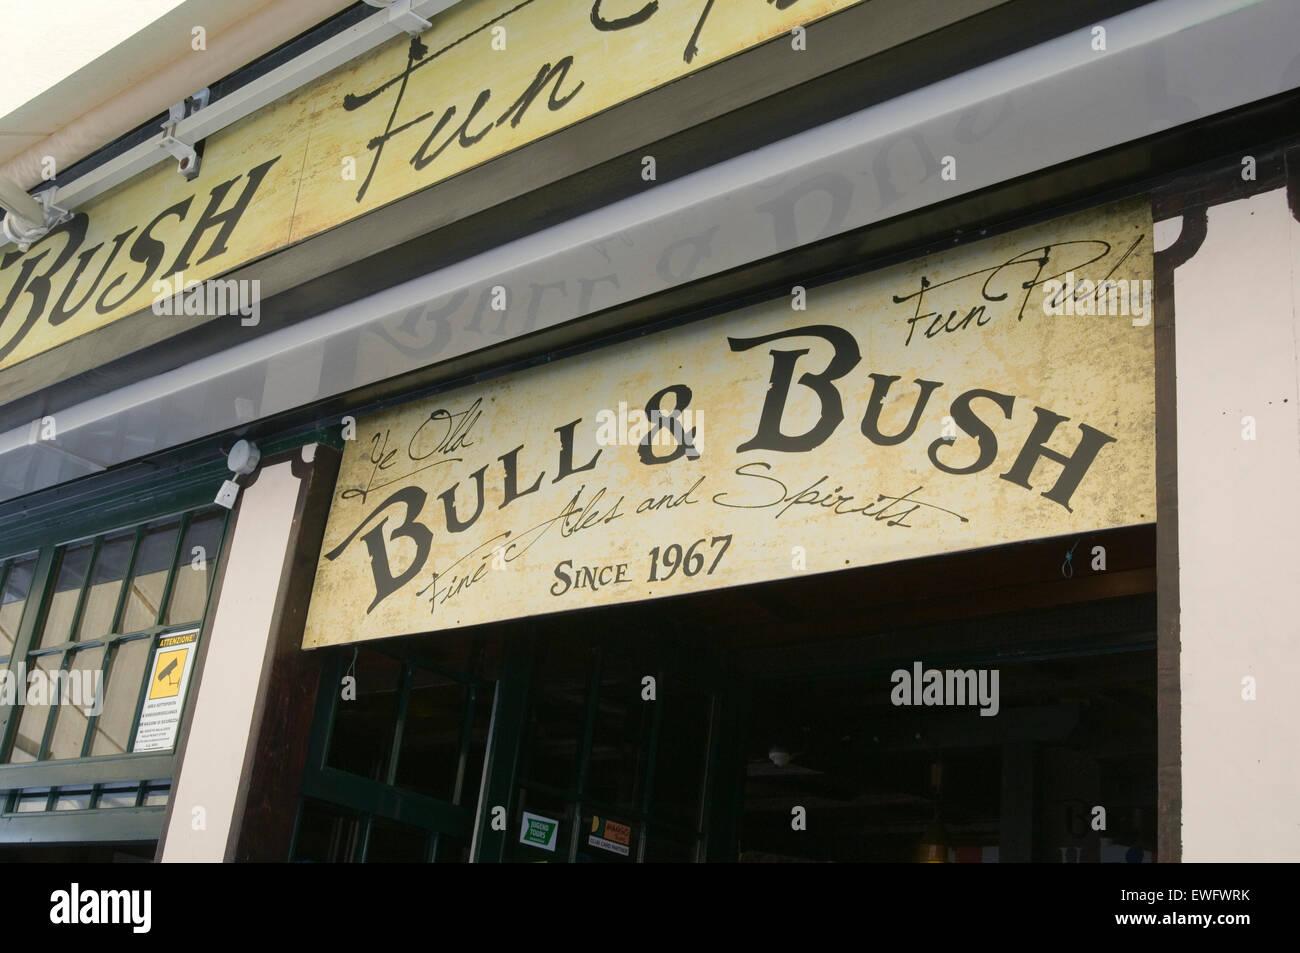 Bar Name Stock Photos & Bar Name Stock Images - Alamy